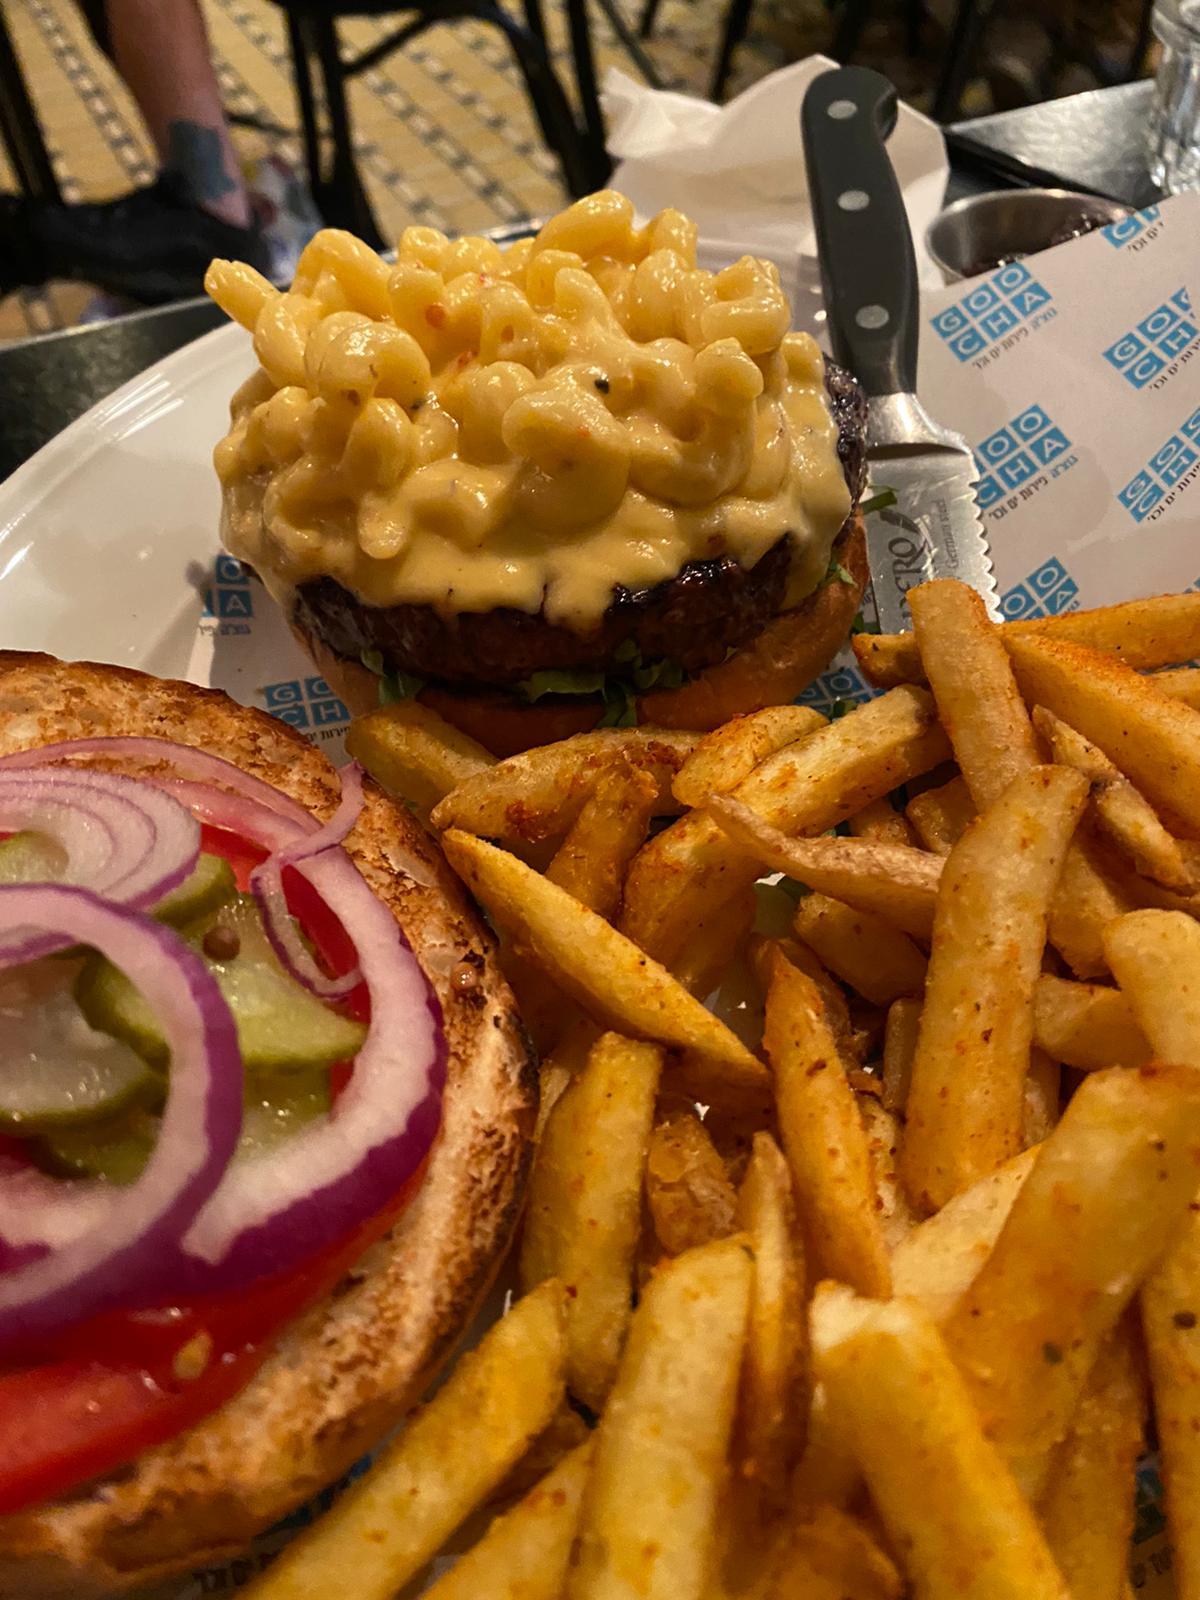 קצת יותר צ'יז וזה היה מושלם. מק&צ'יזבורגר בדיינר של גוצ'ה (צילום: נוי וייסמן)